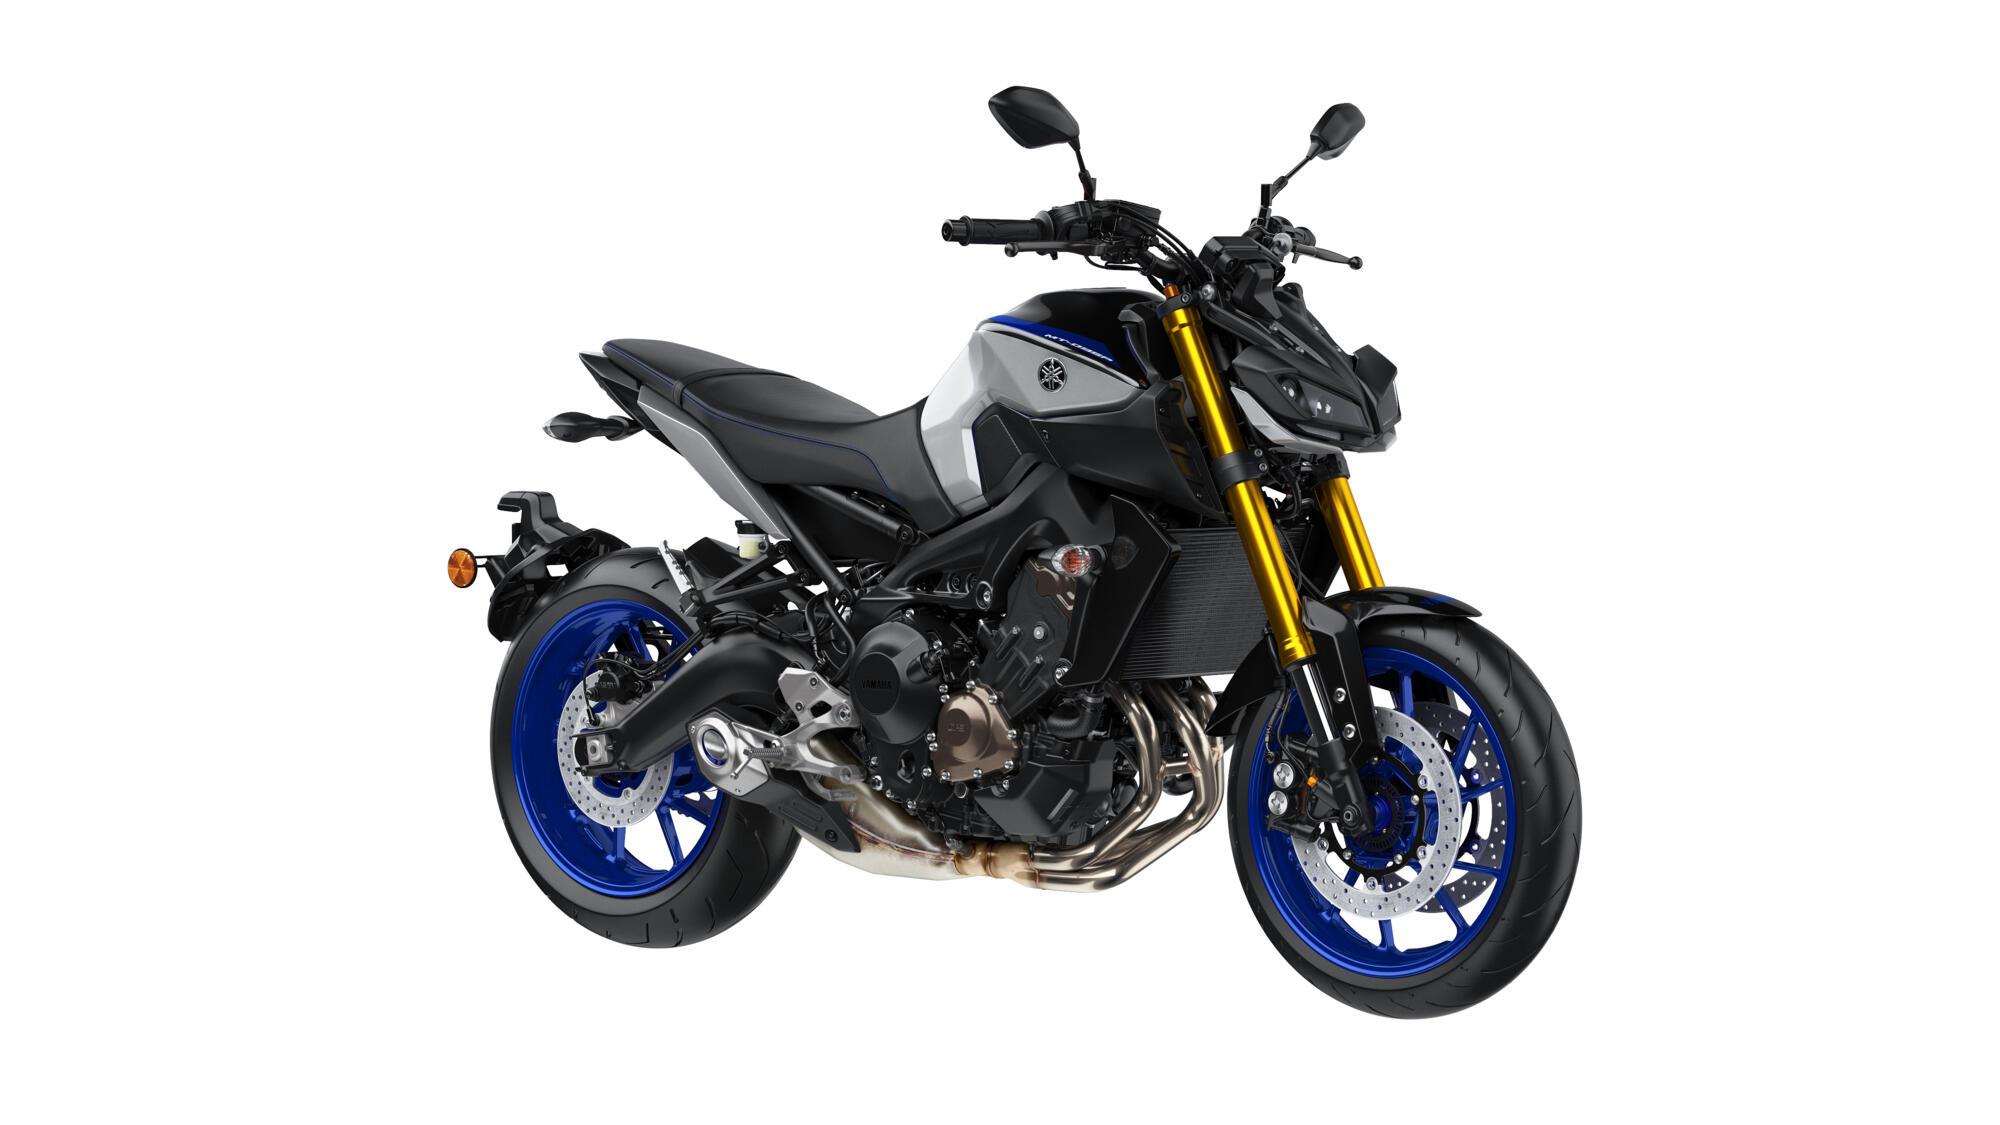 Yamaha-mt-09-sp-Yakıt-Tüketimi-ve-Teknik-Özellikleri